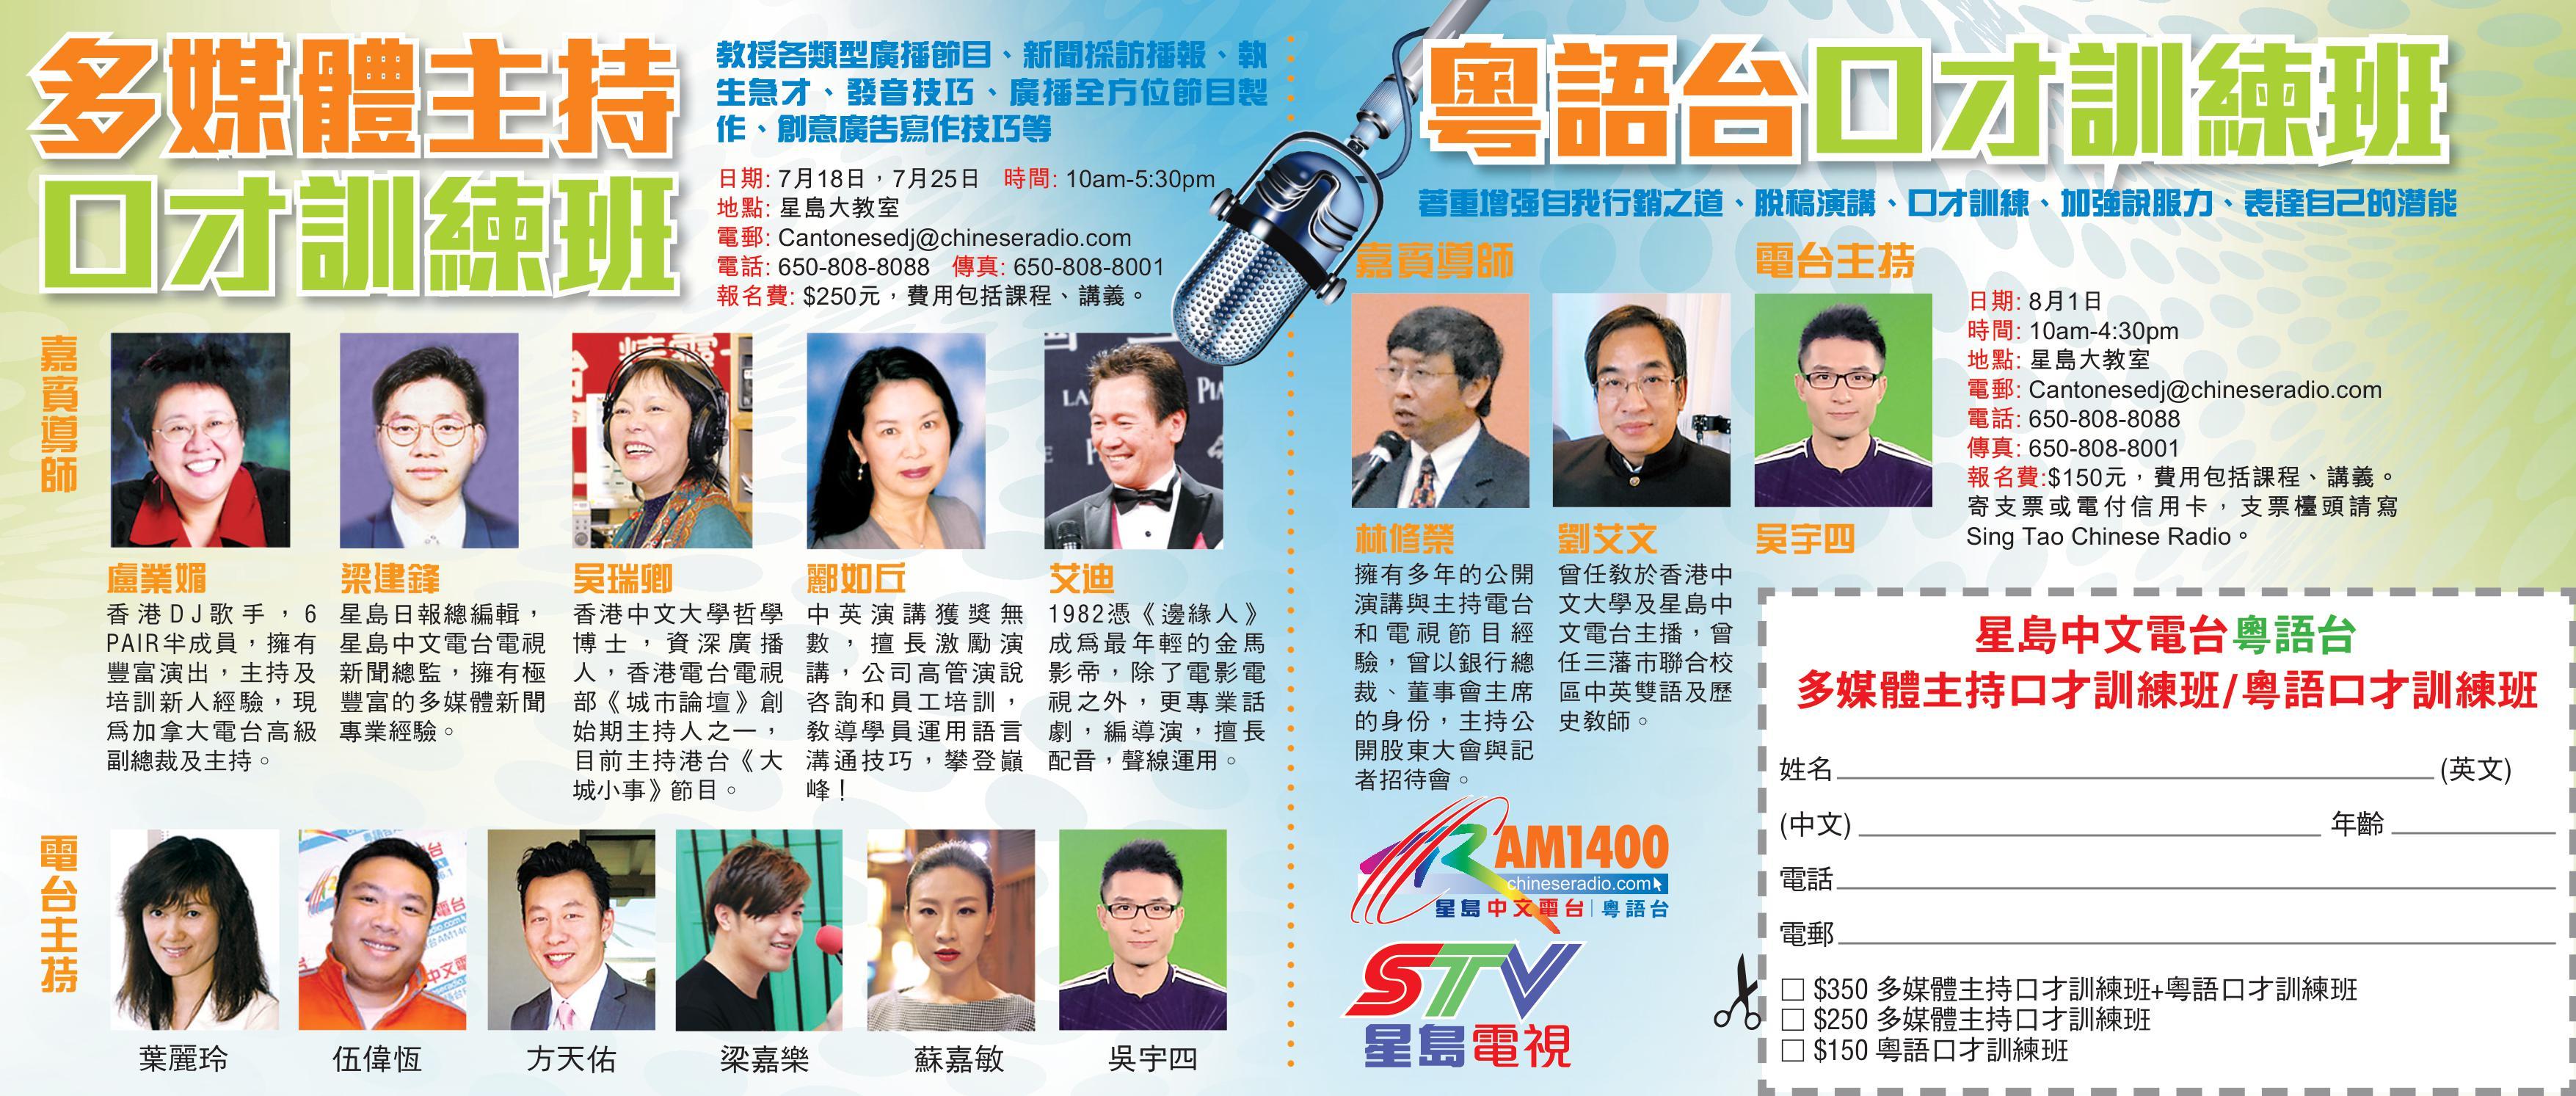 粵語臺多媒體主持訓練班 & 口才訓練班 2015 | Chinese Radio